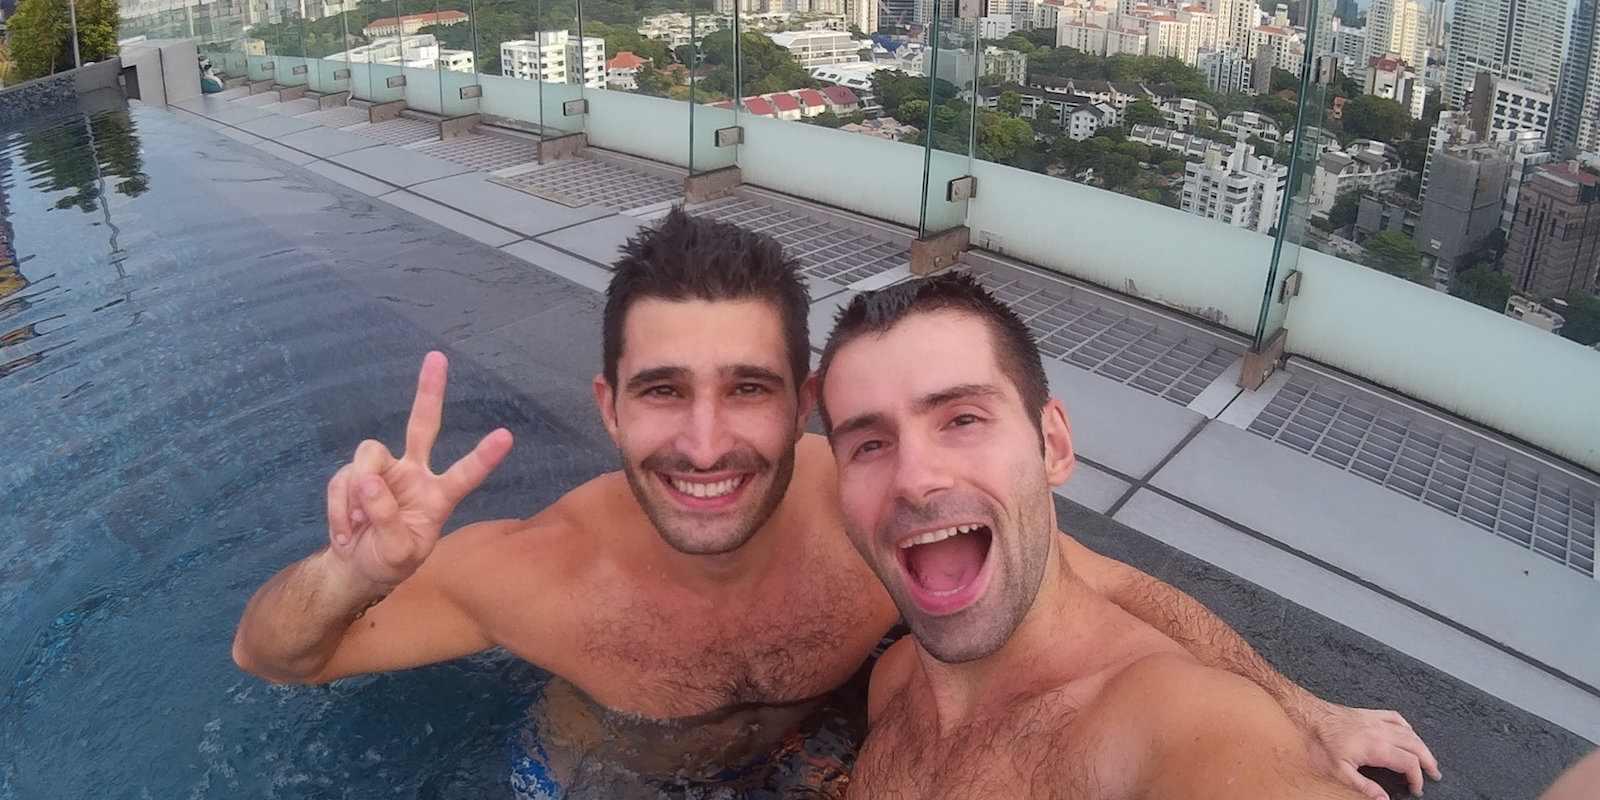 L'homosexualité à Singapour est illégale, mais nous n'avons eu aucun problème à visiter